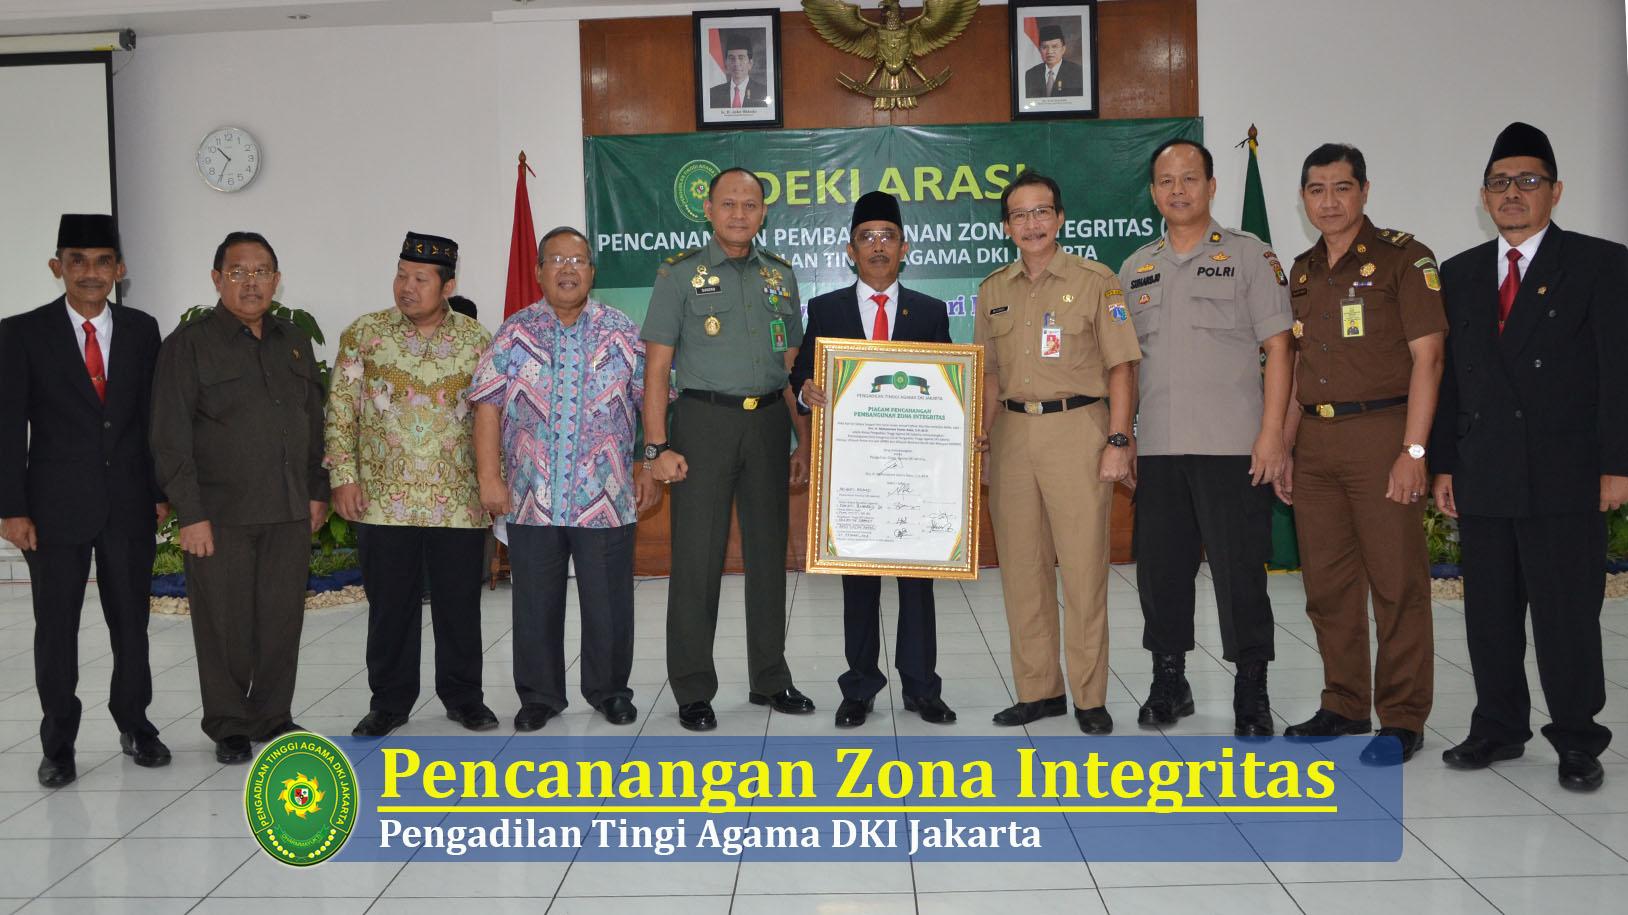 Pencanangan Zona Integritas